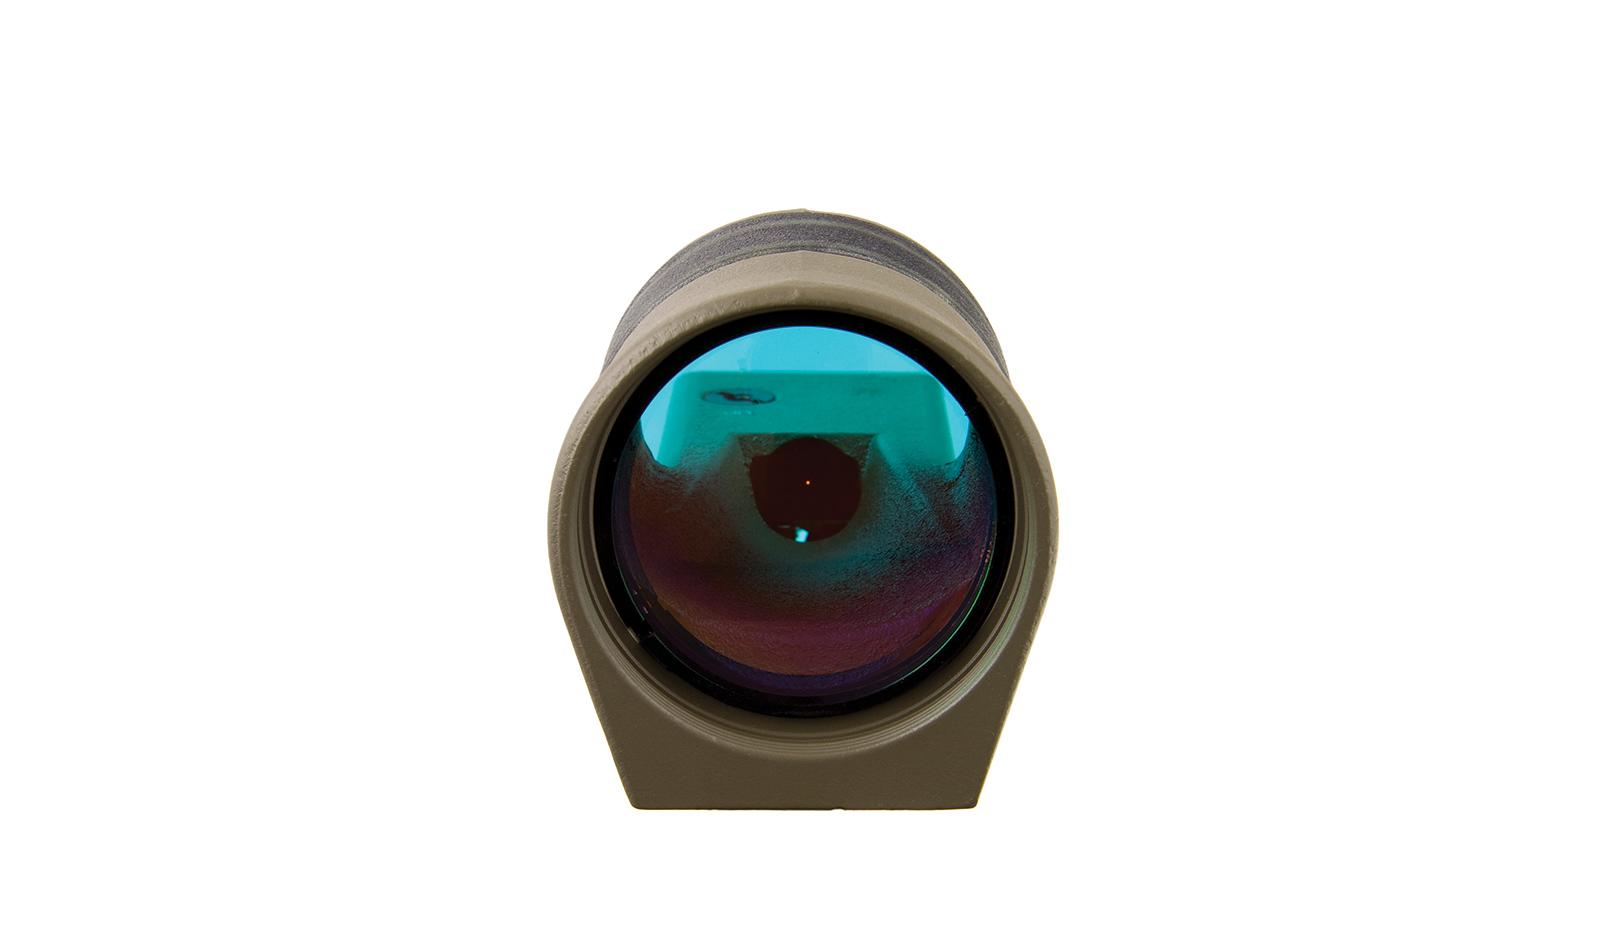 RX30-C-800067 angle 8